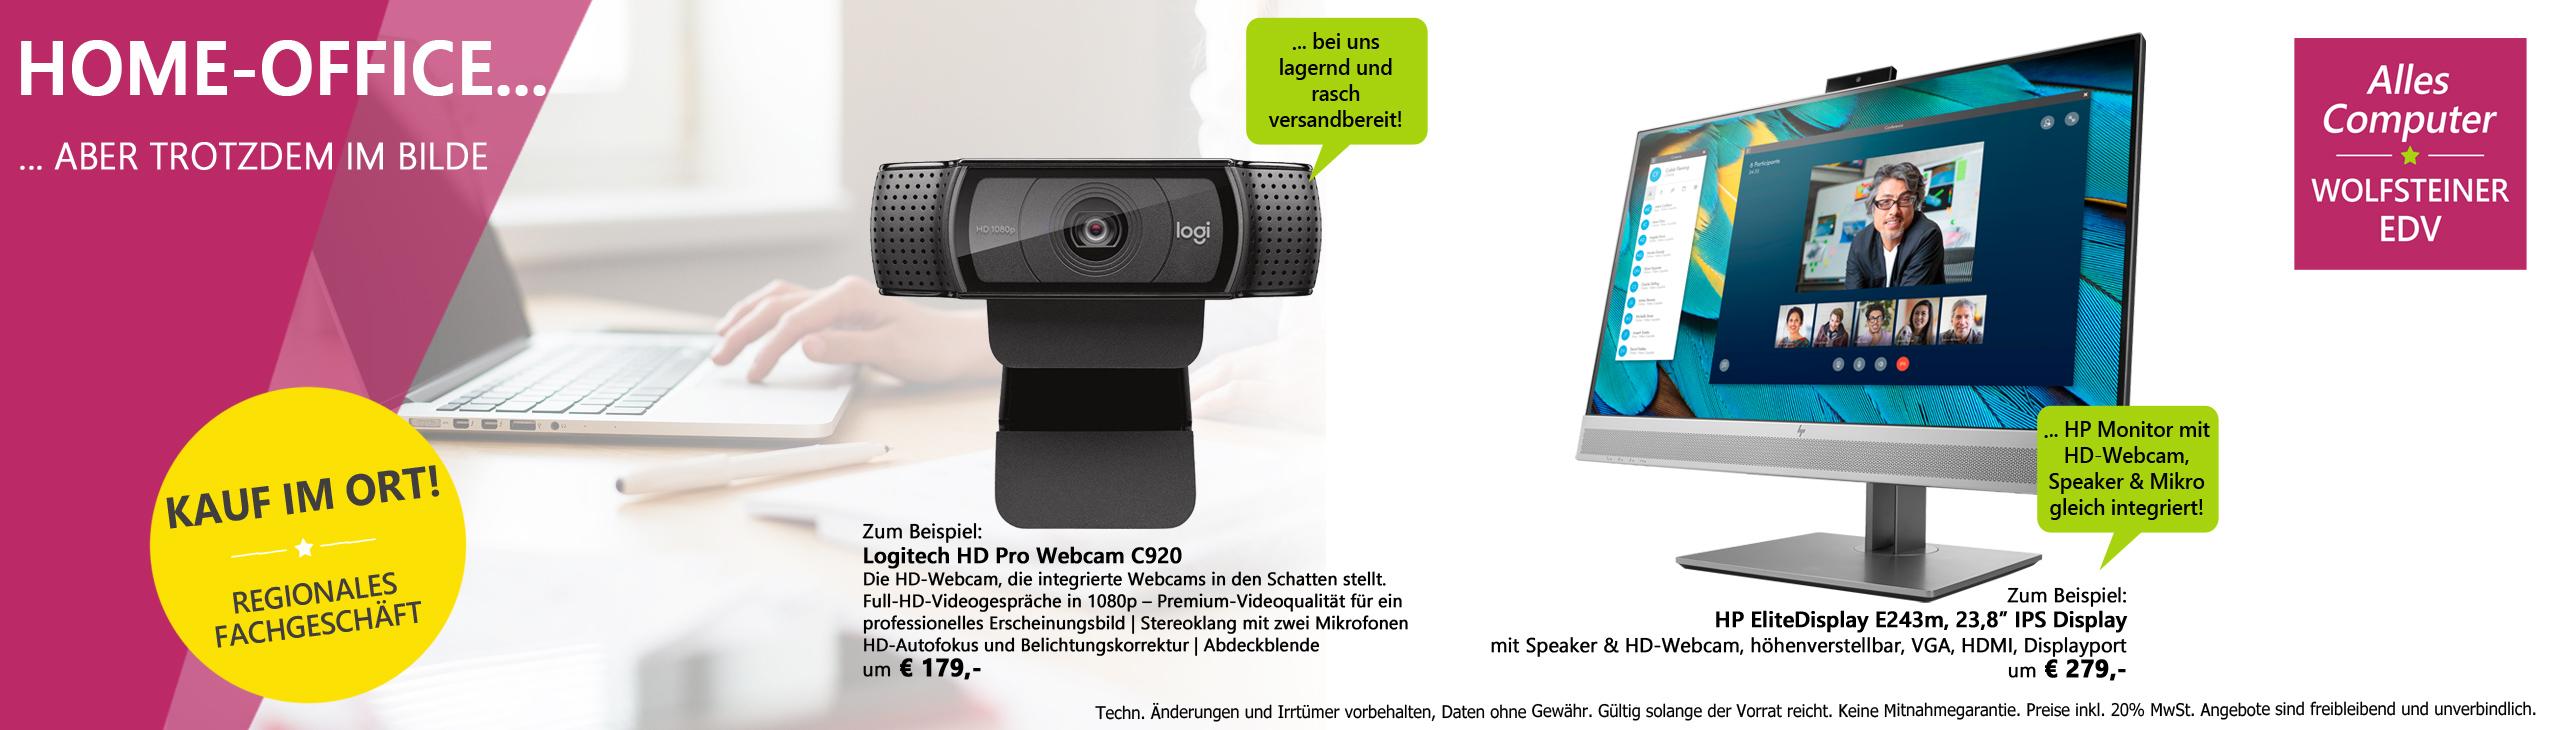 Banner homeoffice imbilde mit webcam und monitor